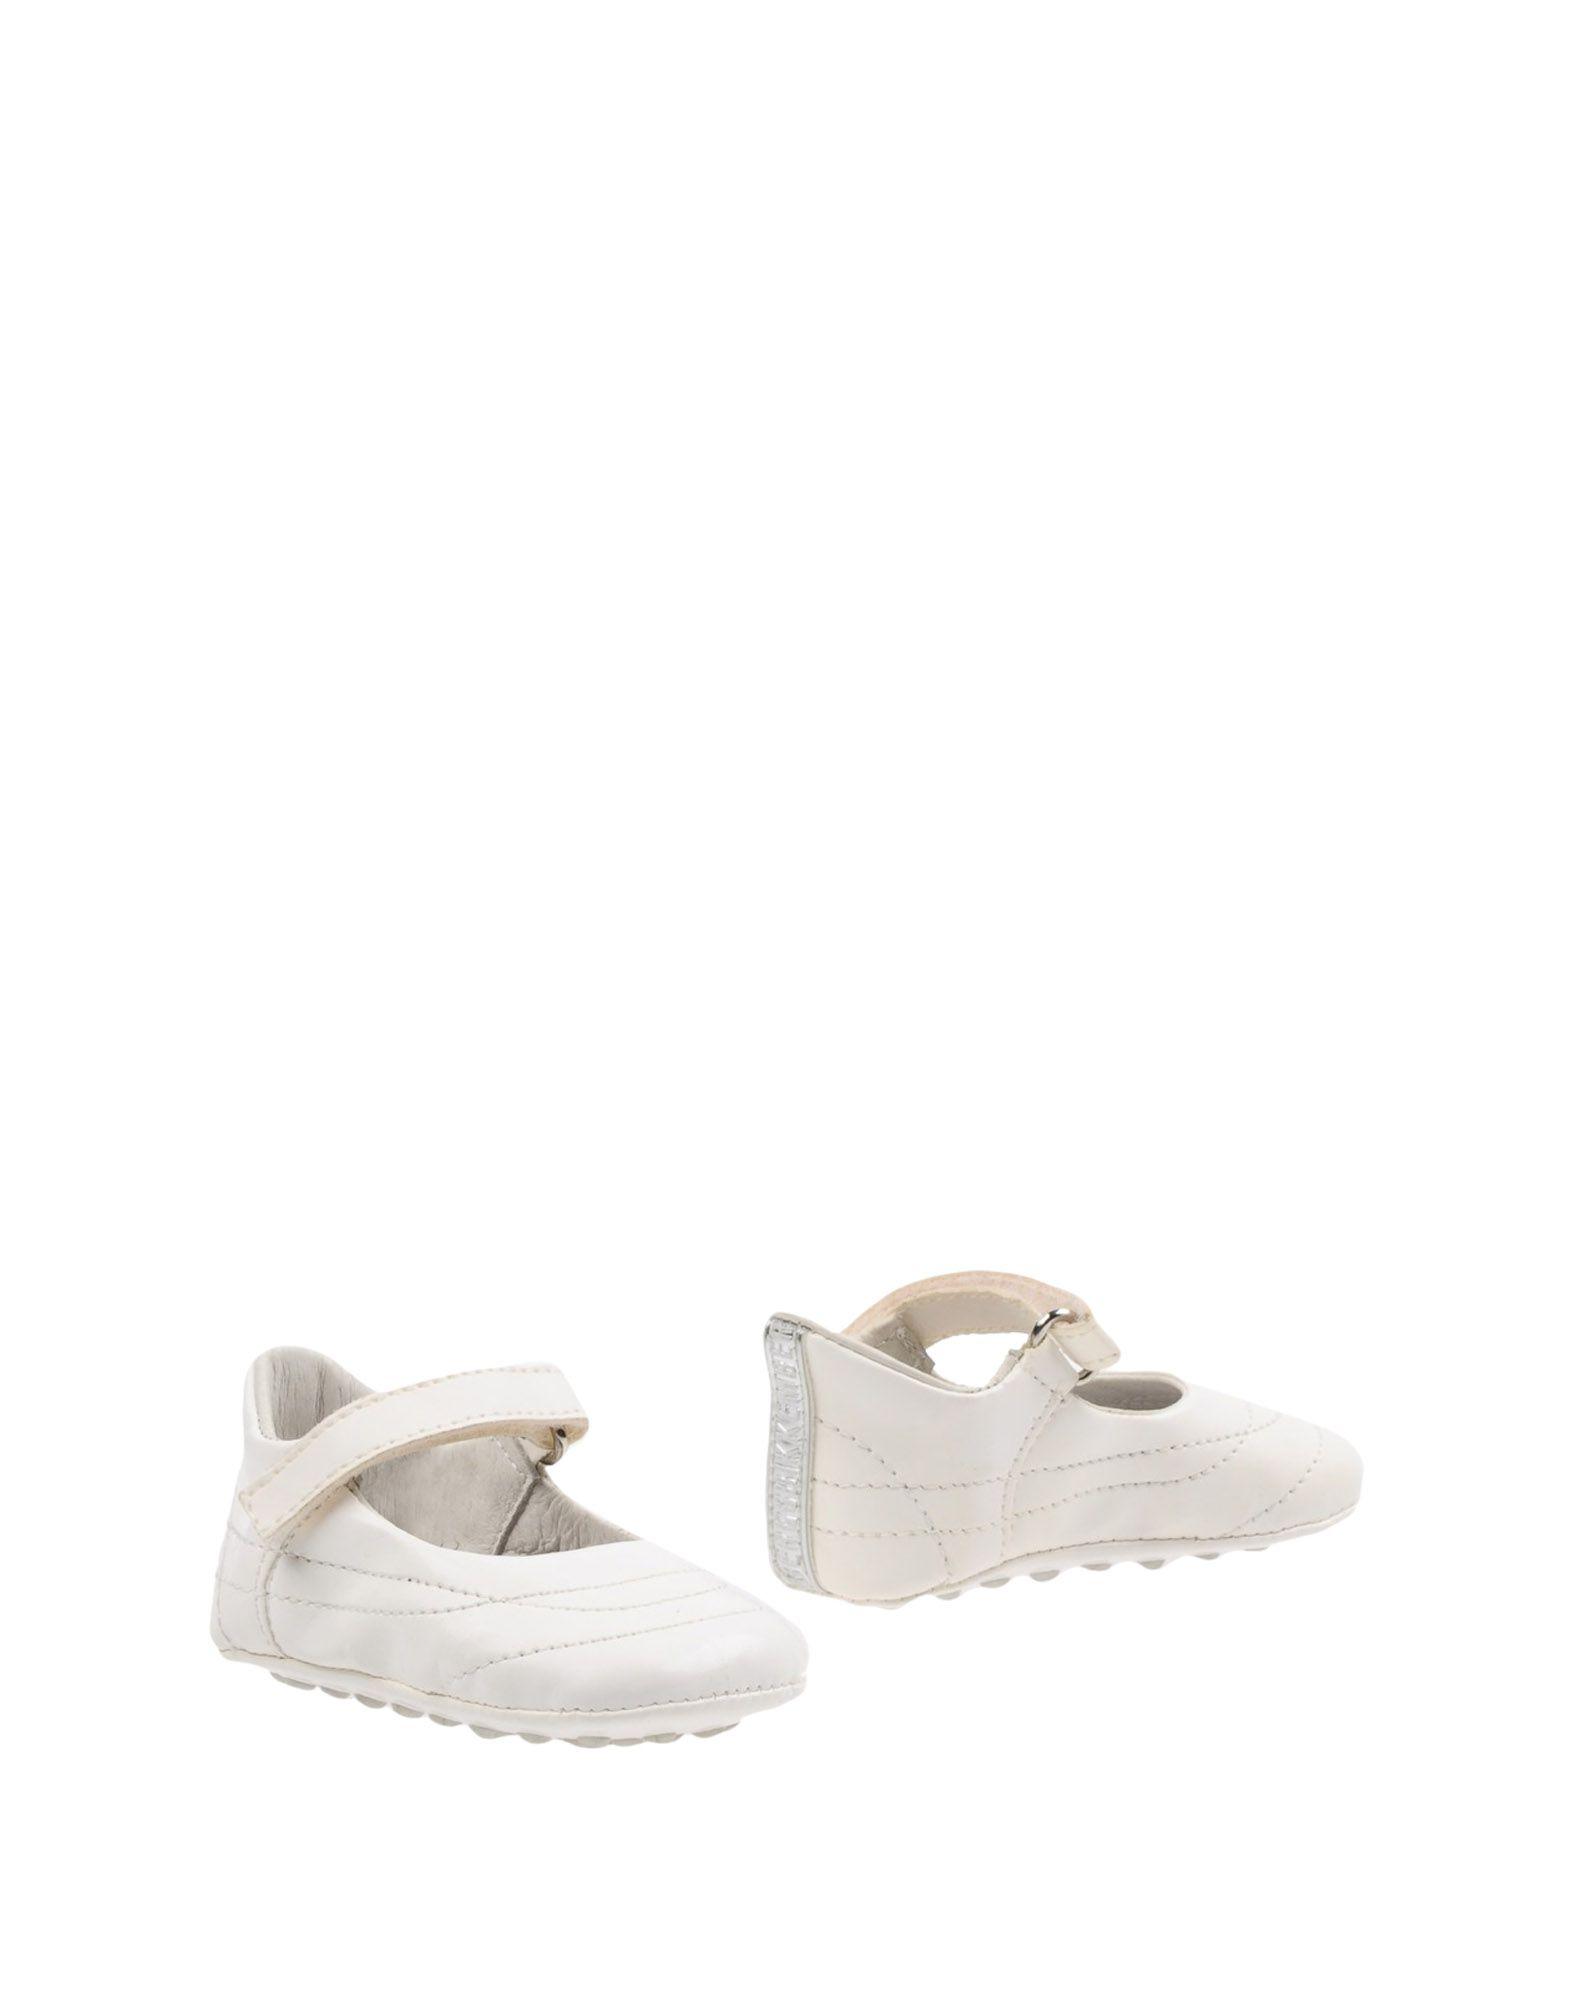 BIKKEMBERGS Обувь для новорожденных